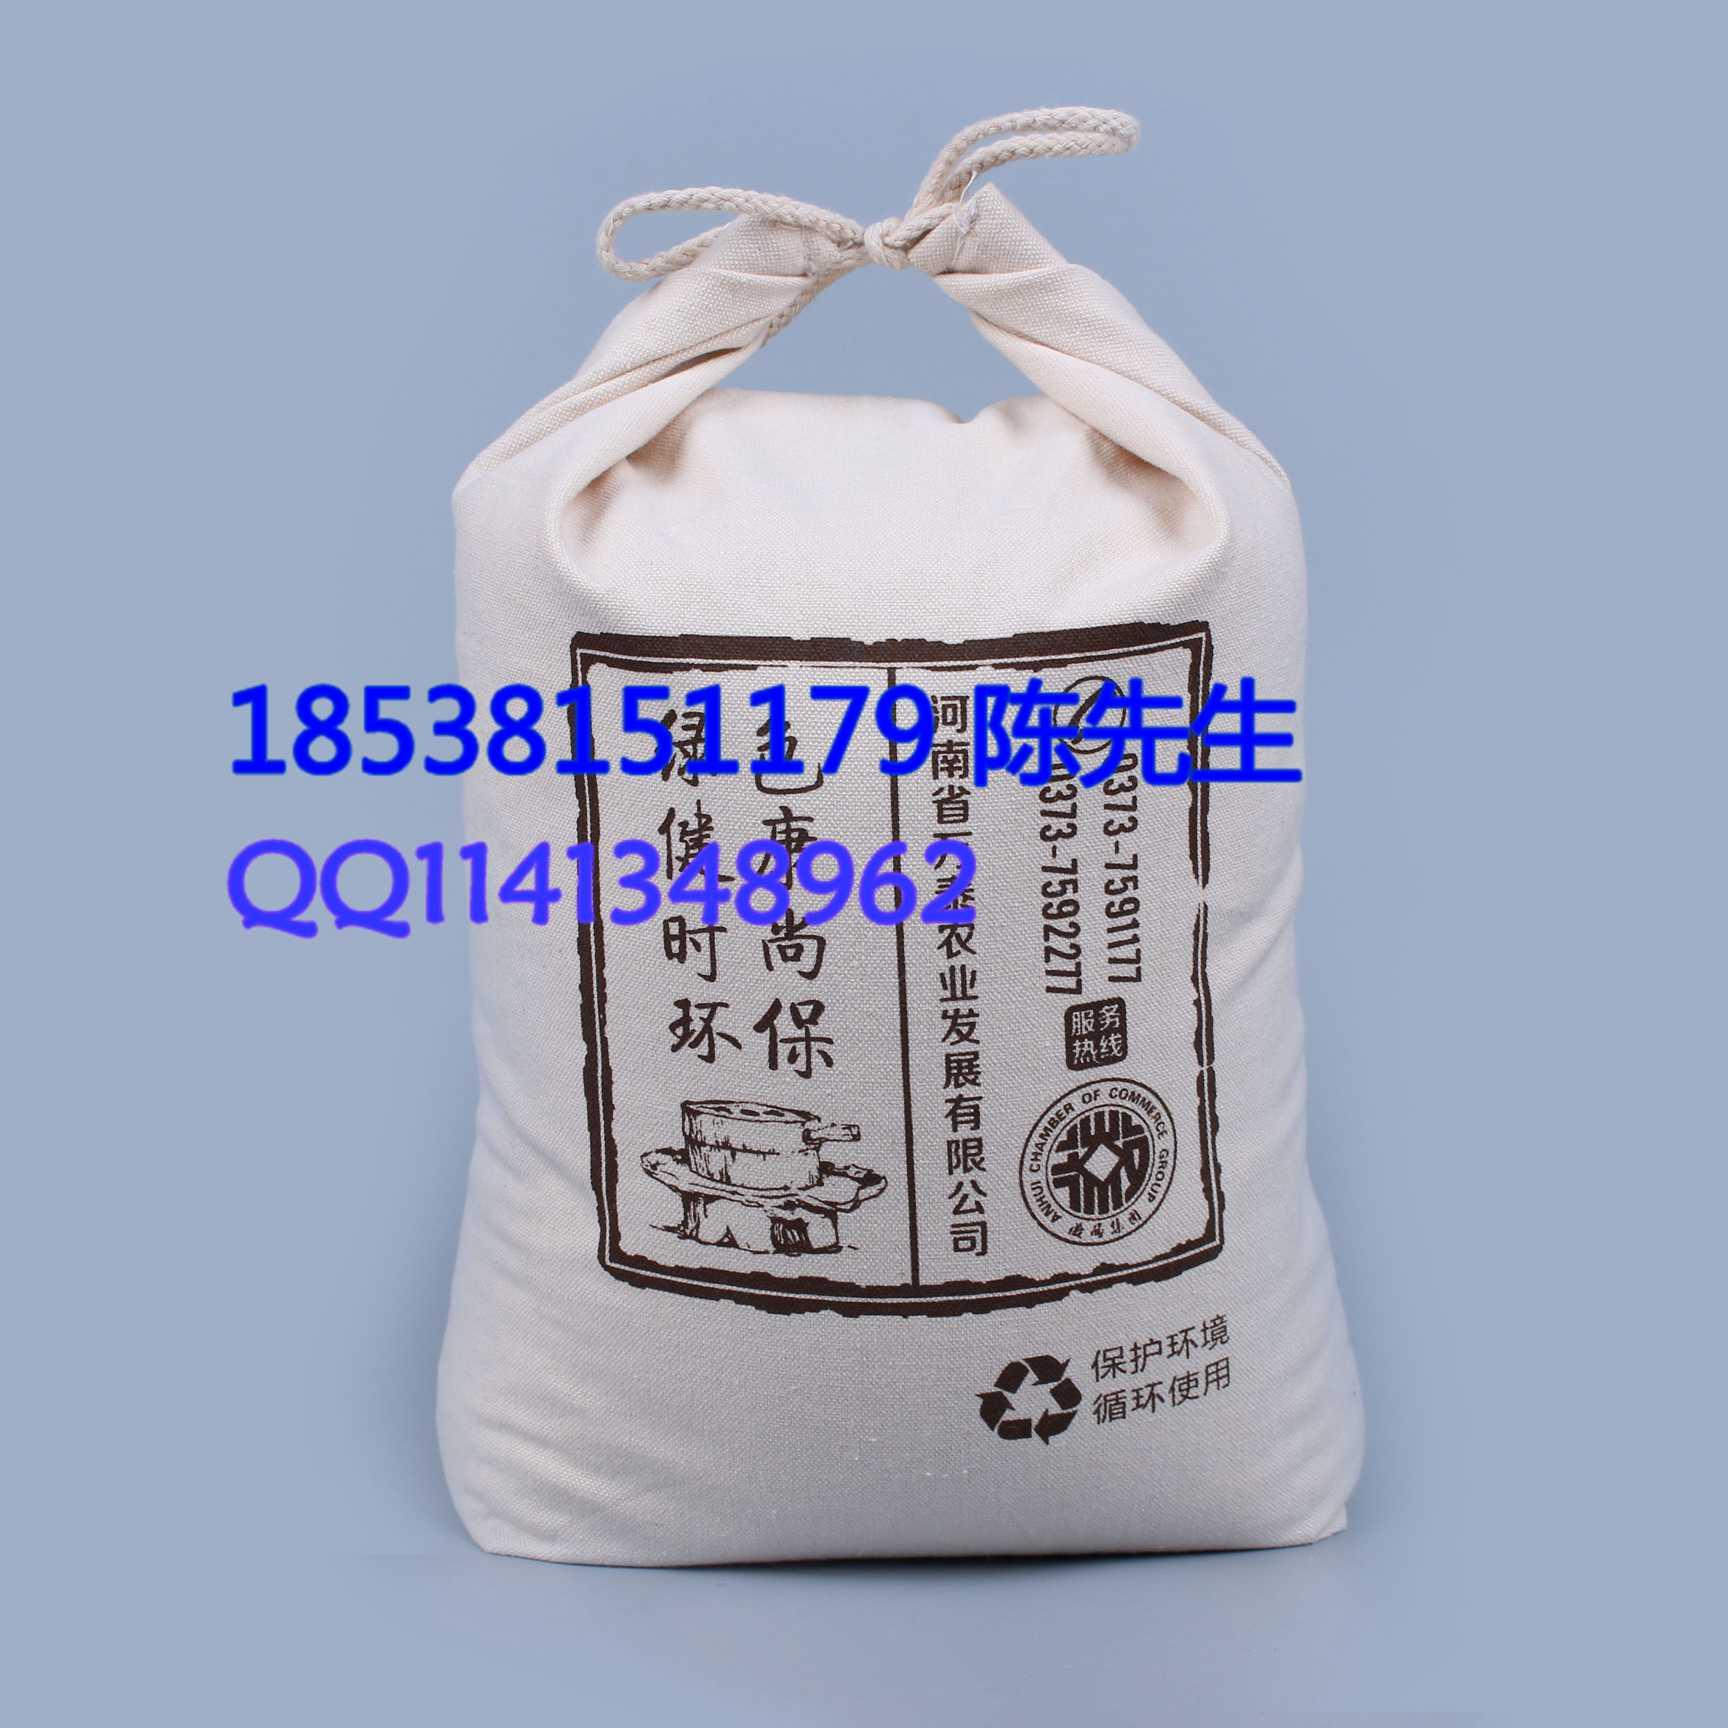 新闻:爆款帆布手提袋禅食稻米亚麻束口袋